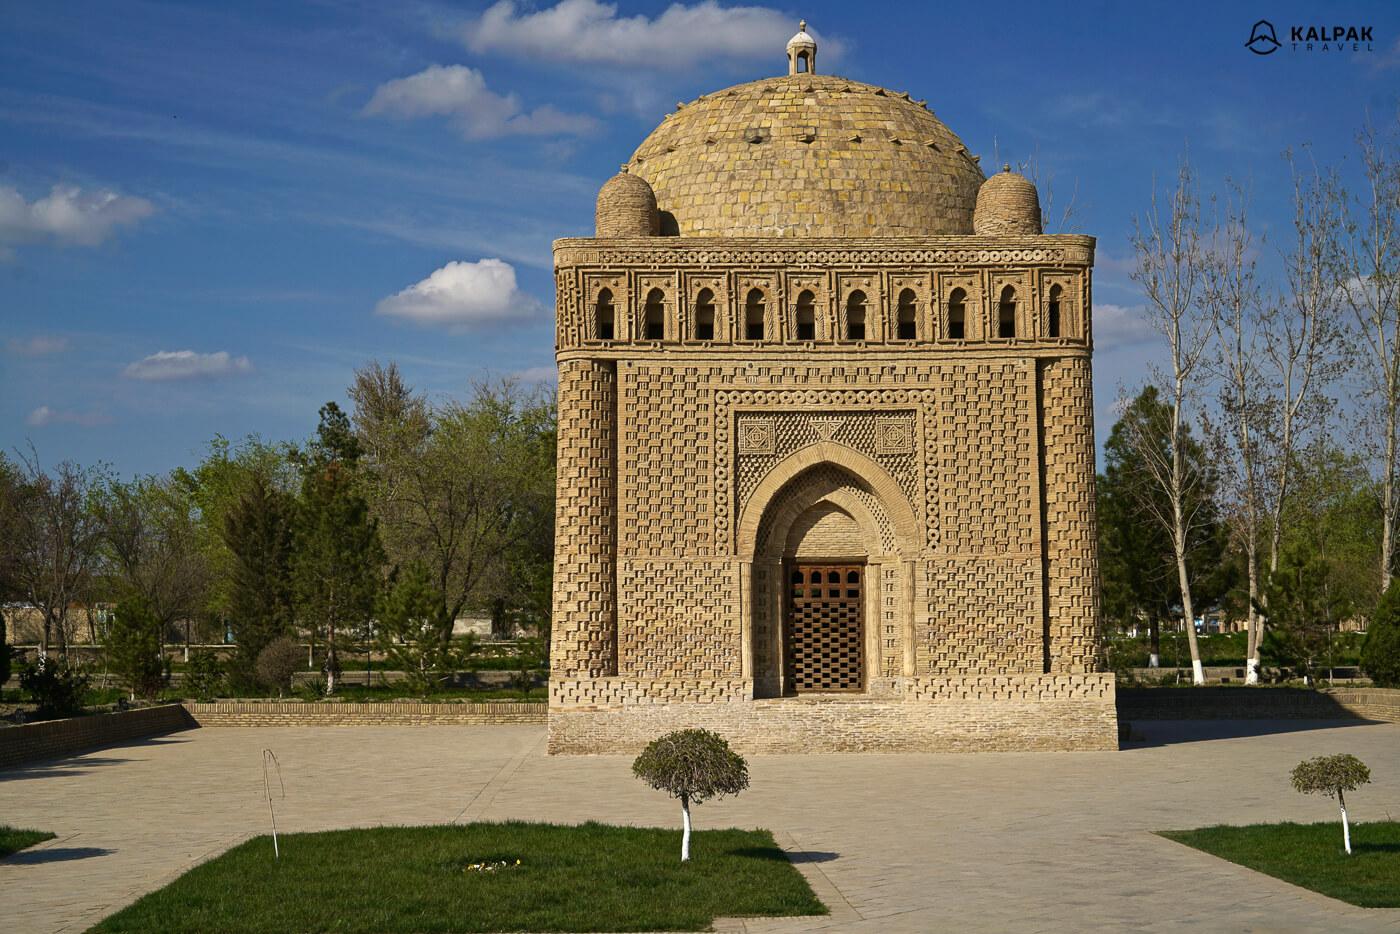 Samanid mausoleum in Samarkand